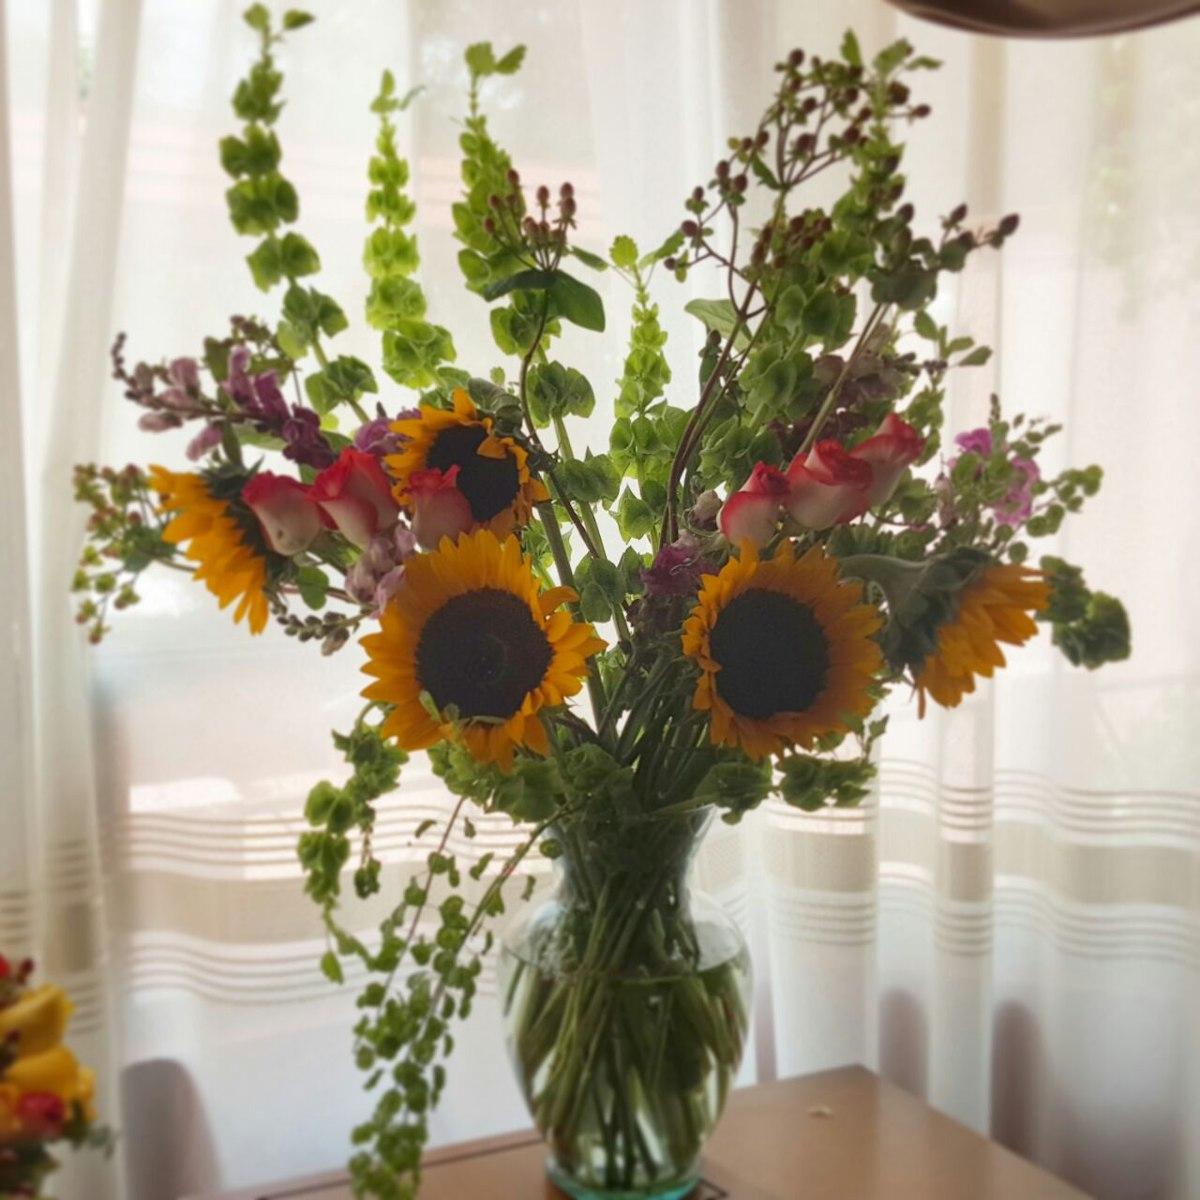 hermoso arreglo floral